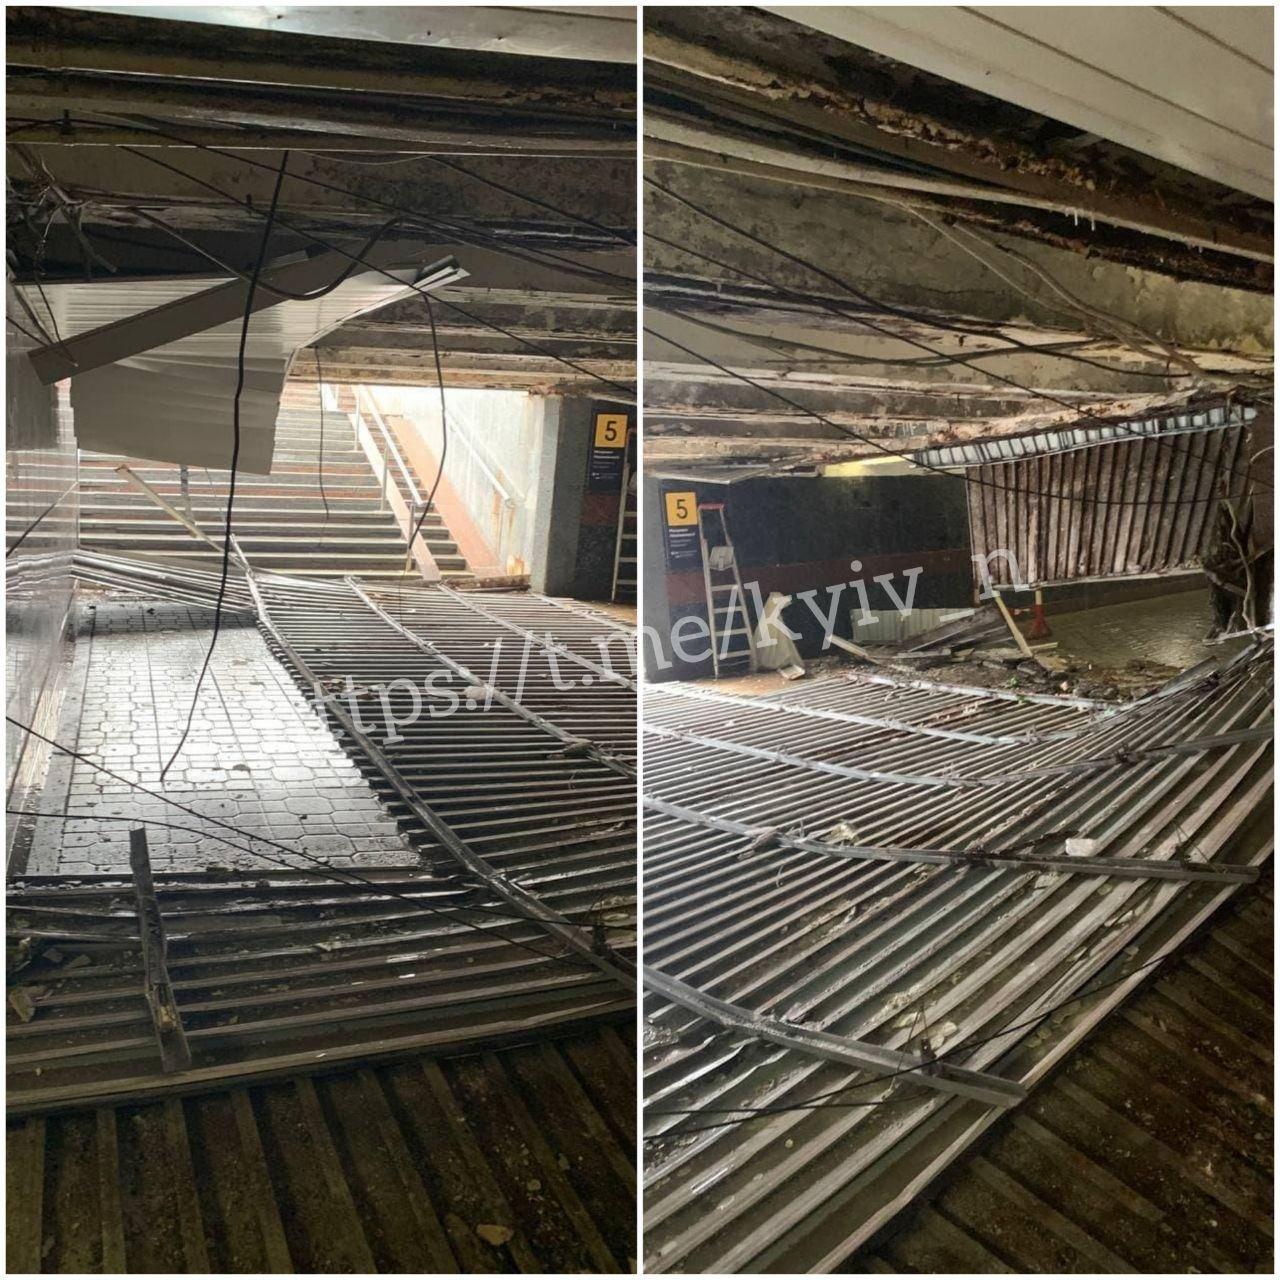 В Киеве рухнул потолок в подземном переходе на Майдане Незалежности., Фото из Telegram-канала Киев сейчас